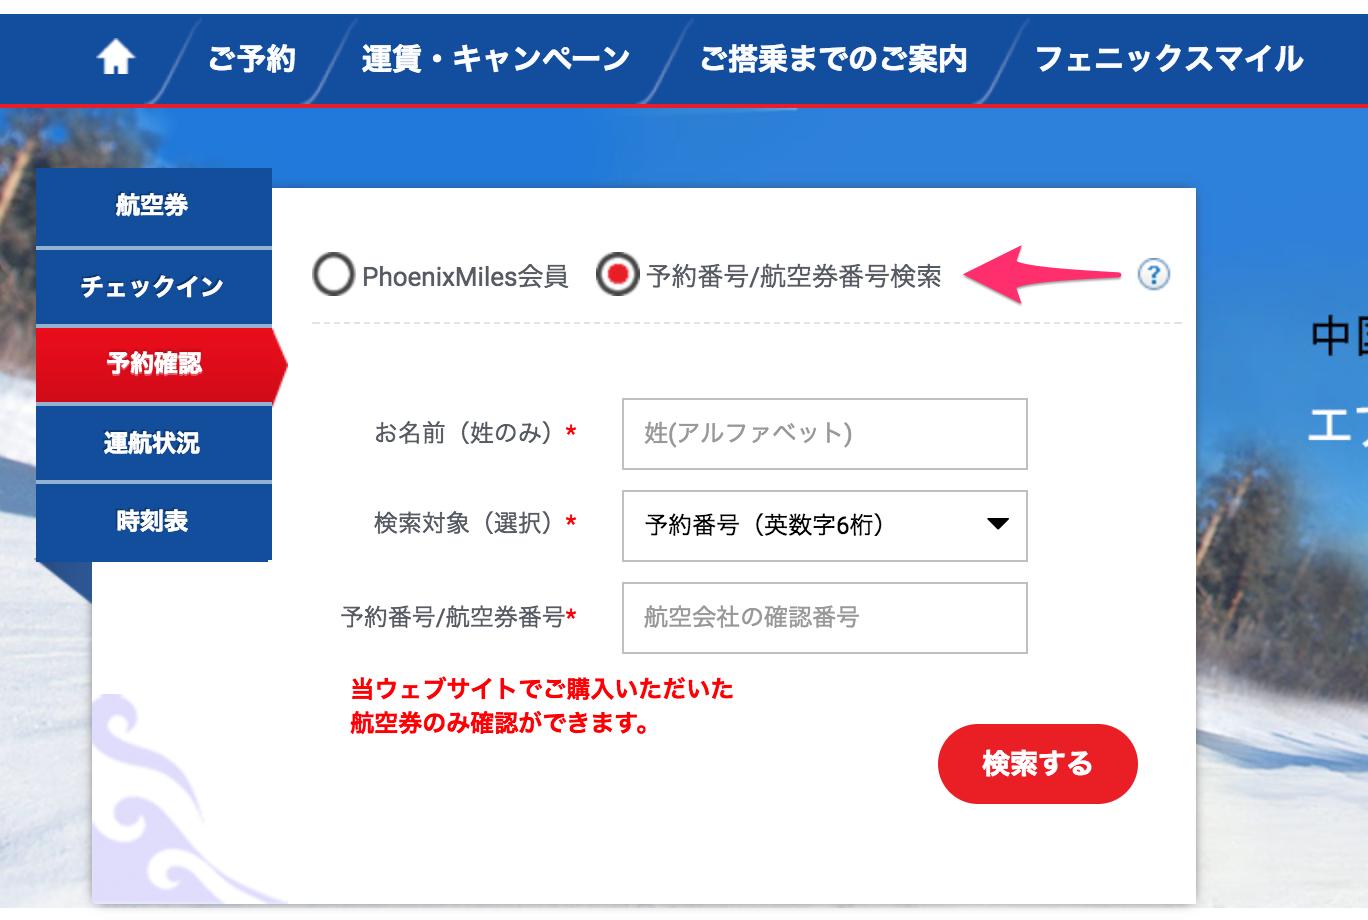 中国国際航空・日本公式サイト-01